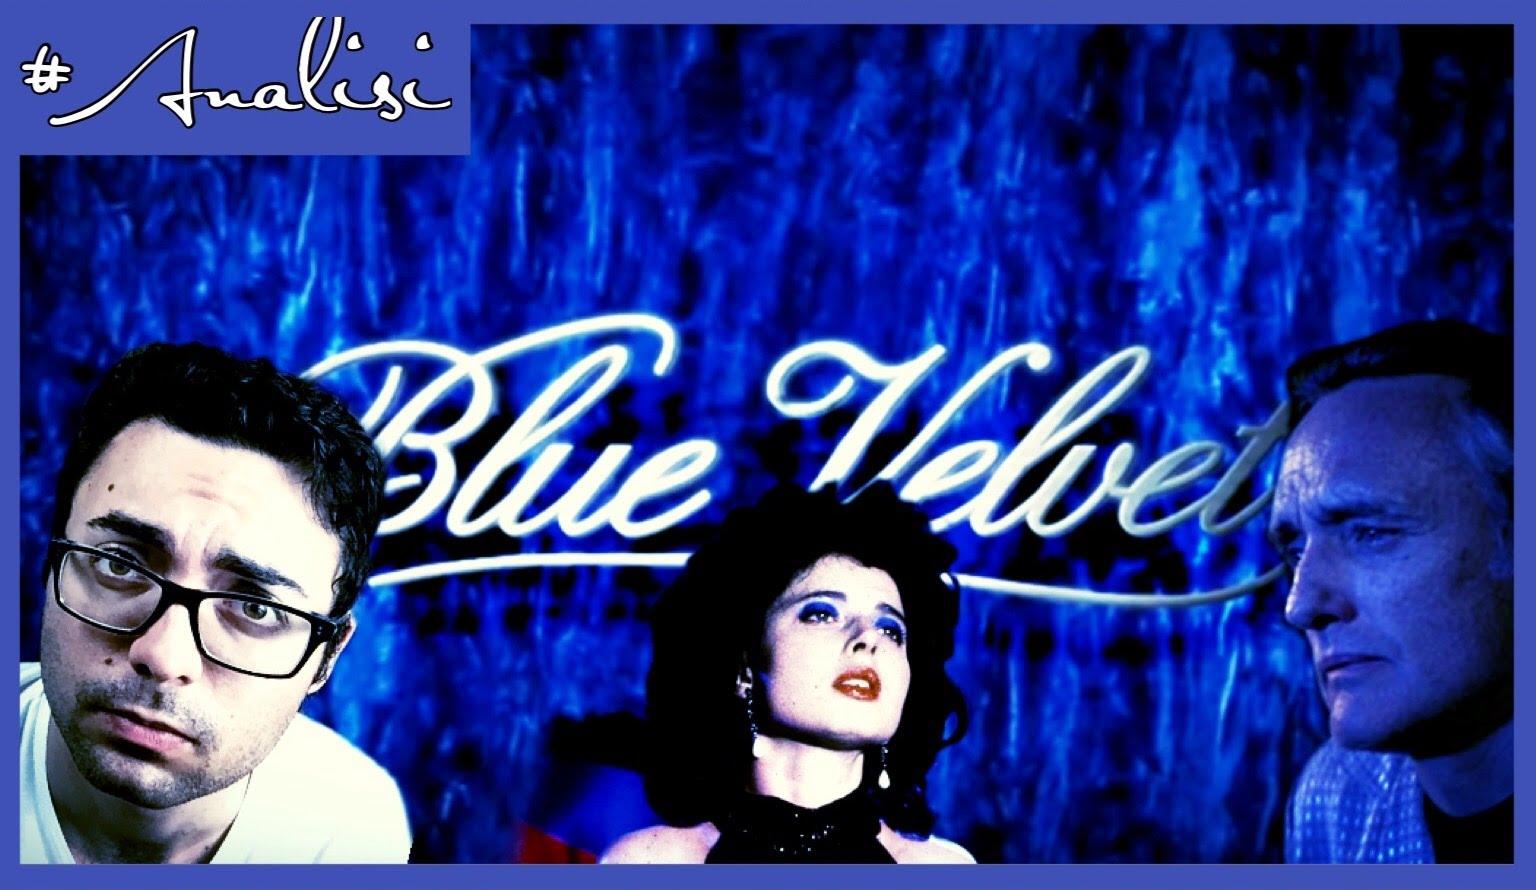 Velluto blu, recensione di Biagio Giordano